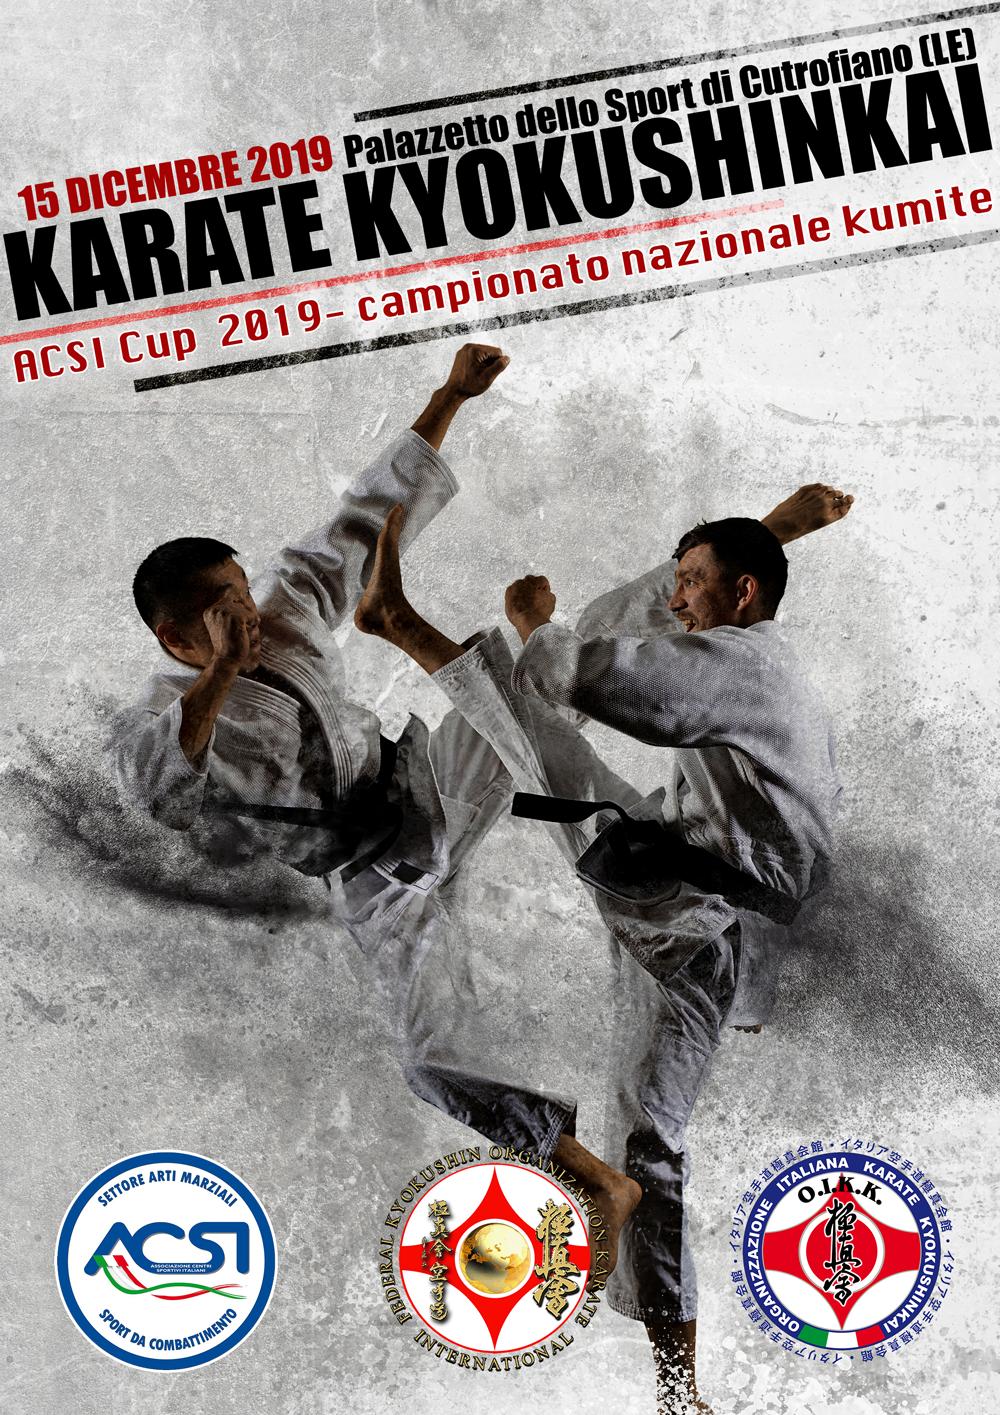 Kyokushin2019cup.png